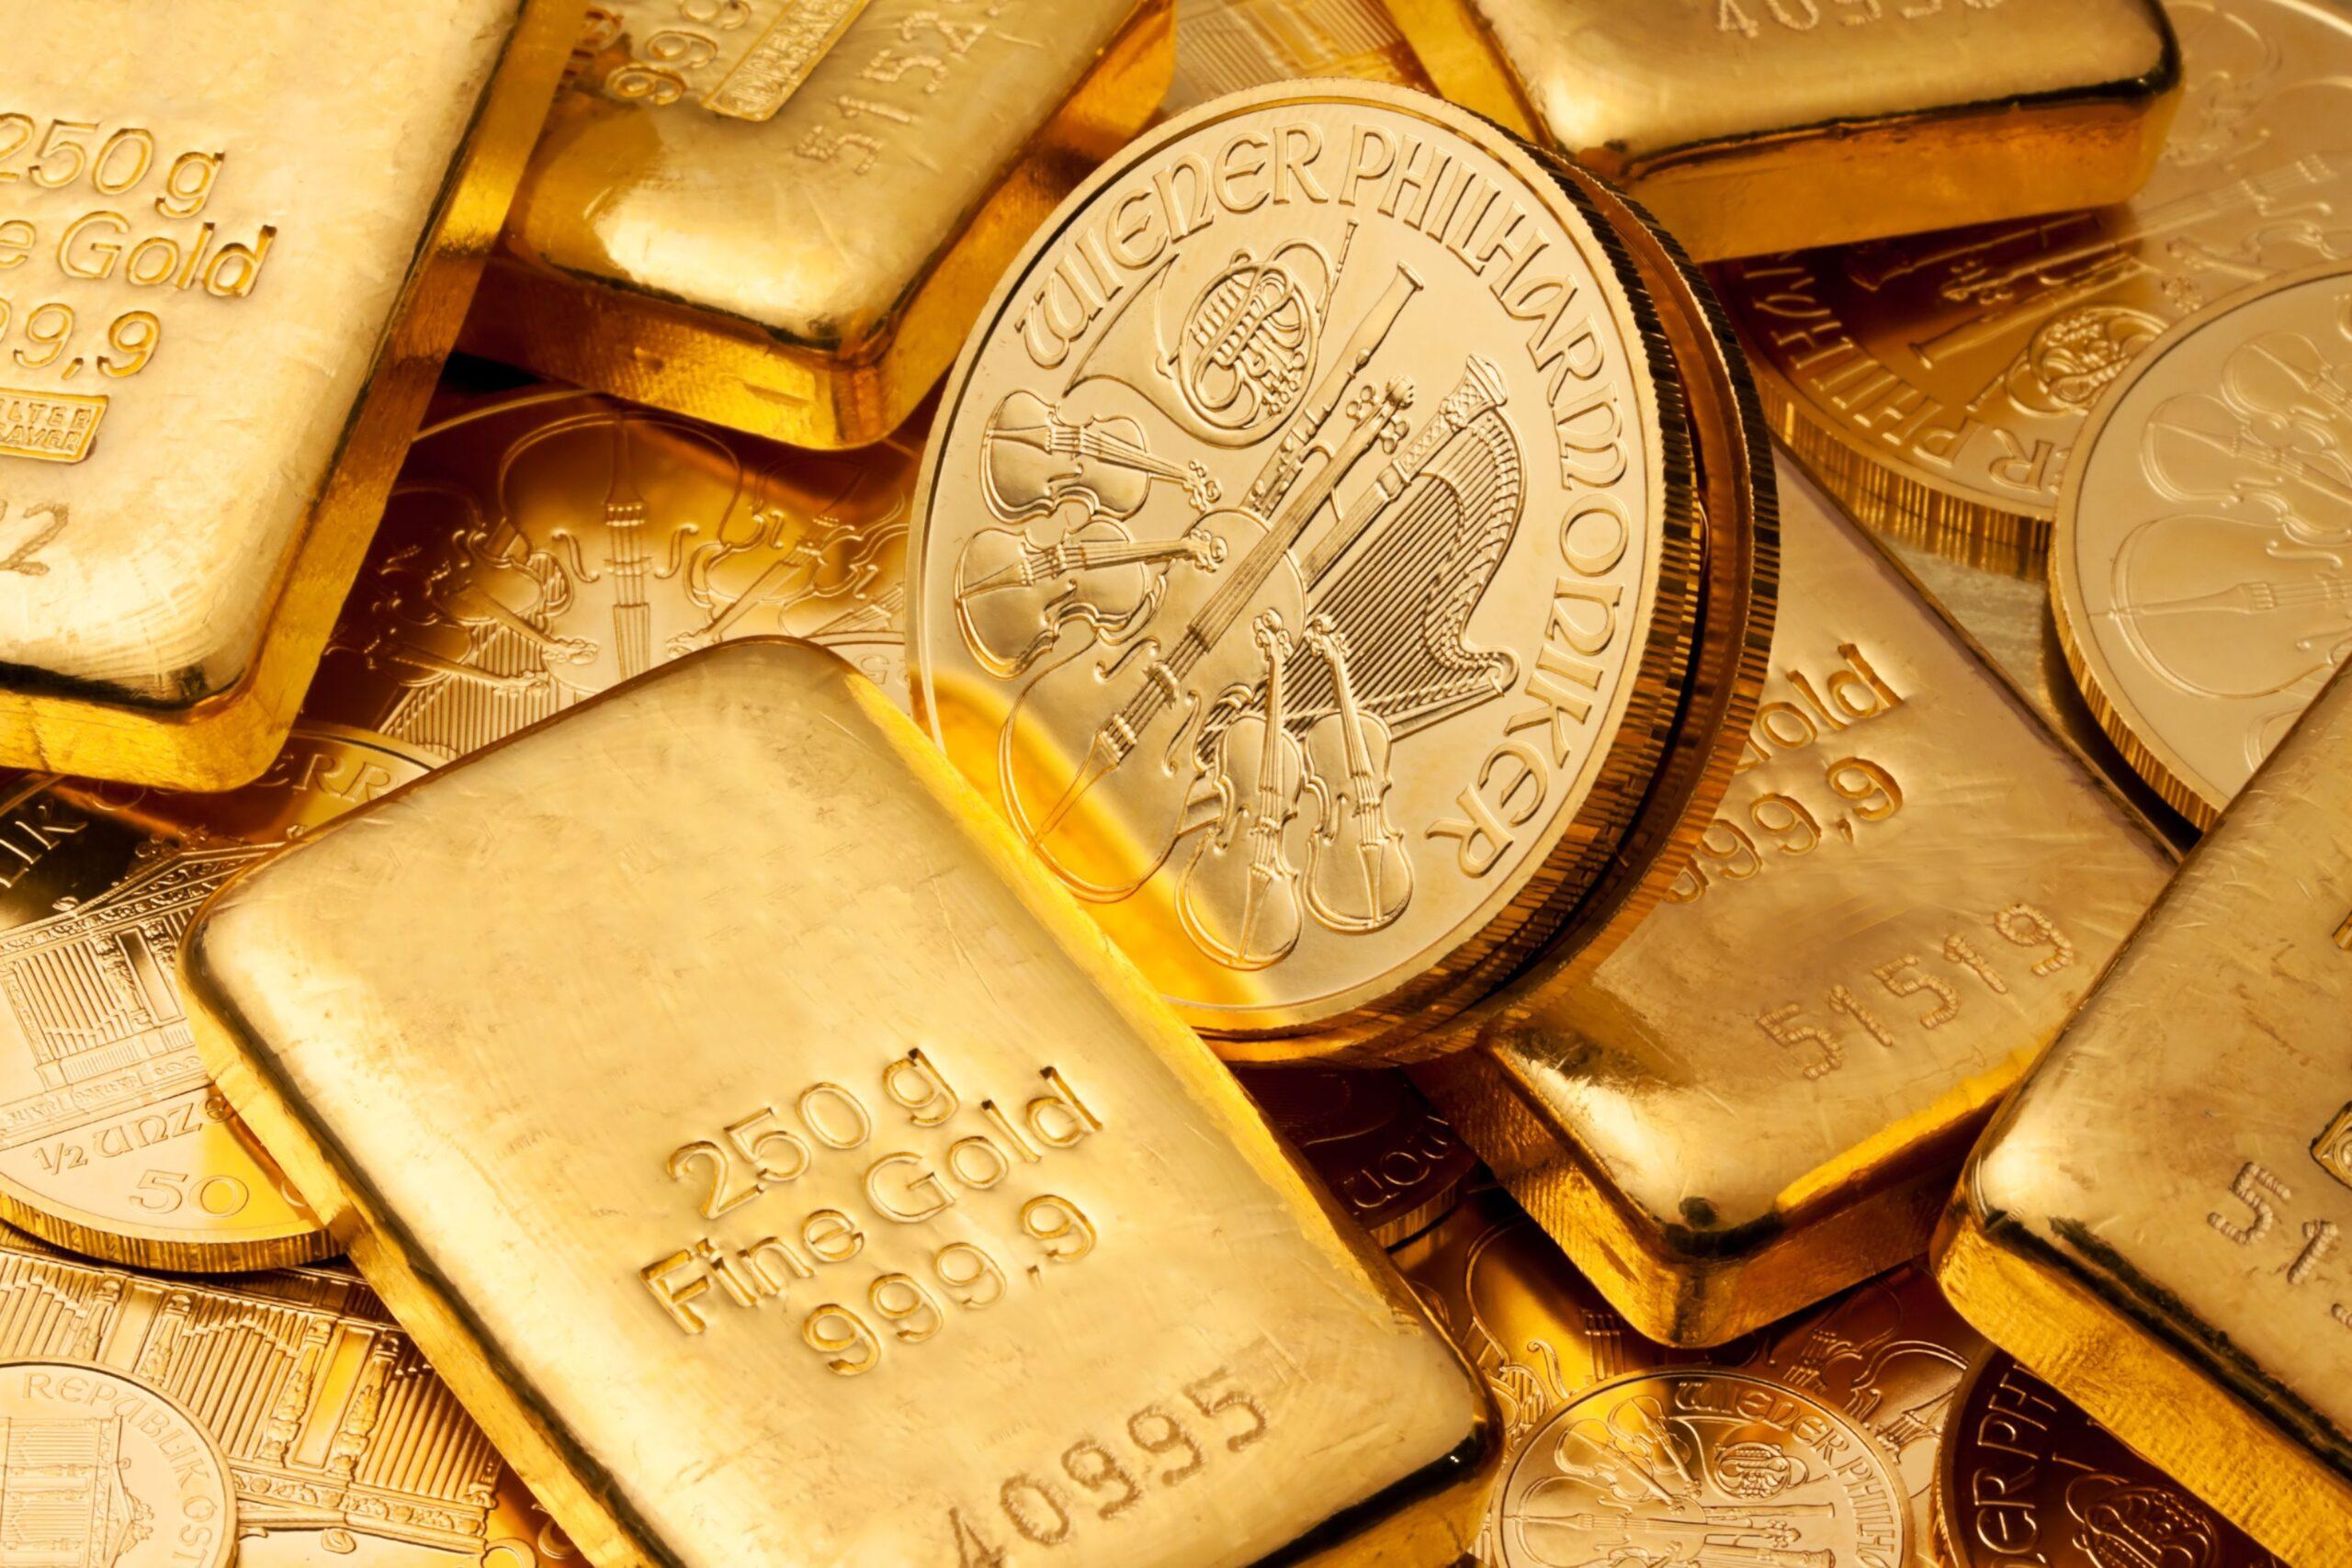 الذهب يغلق على ارتفاع تزامنا مع انخفاض الدولار وأسواق الأسهم